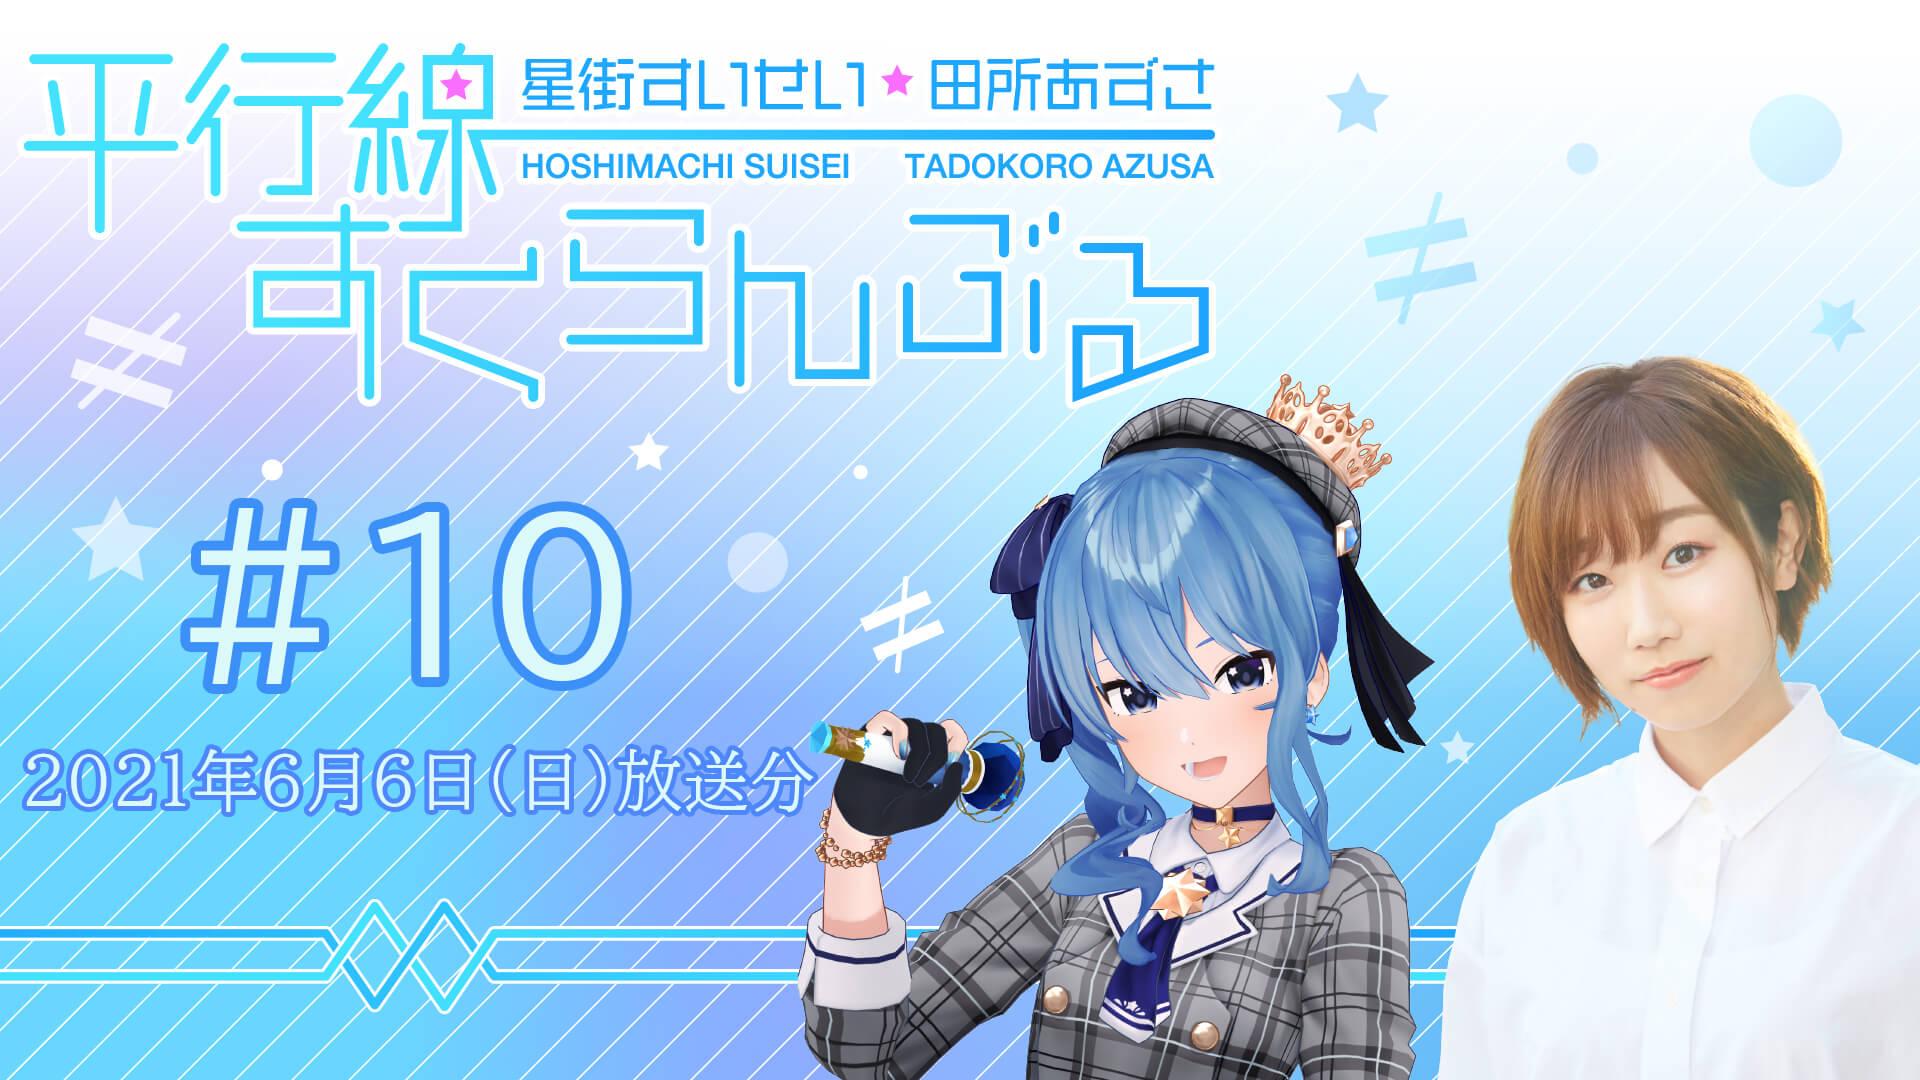 #10『星街すいせい・田所あずさ 平行線すくらんぶる』(2021年6月6日放送分)